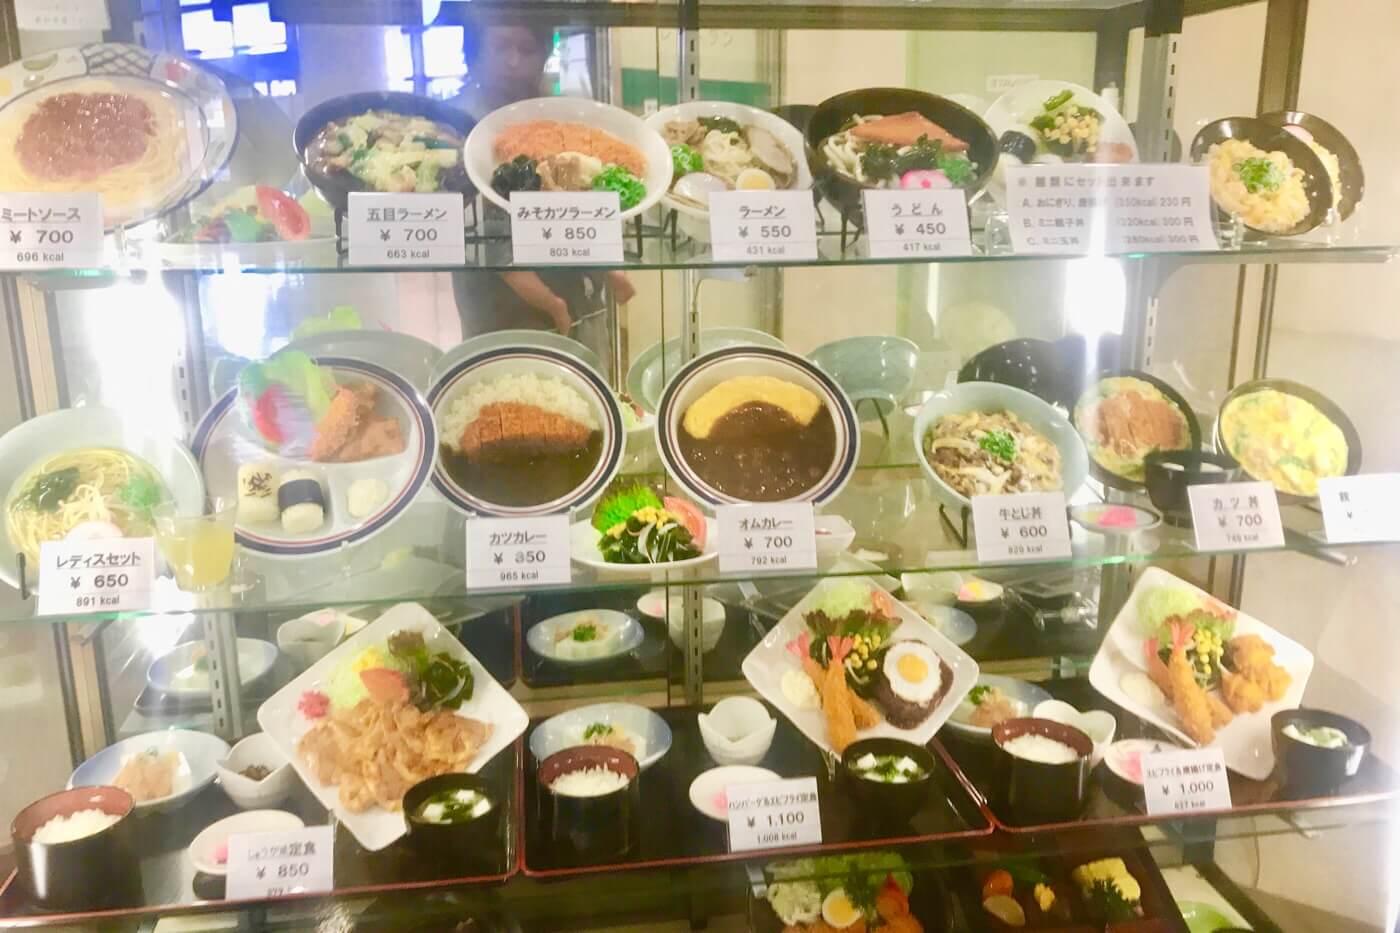 JA高知病院内のレストラン グリーンハウス店先の食品サンプル